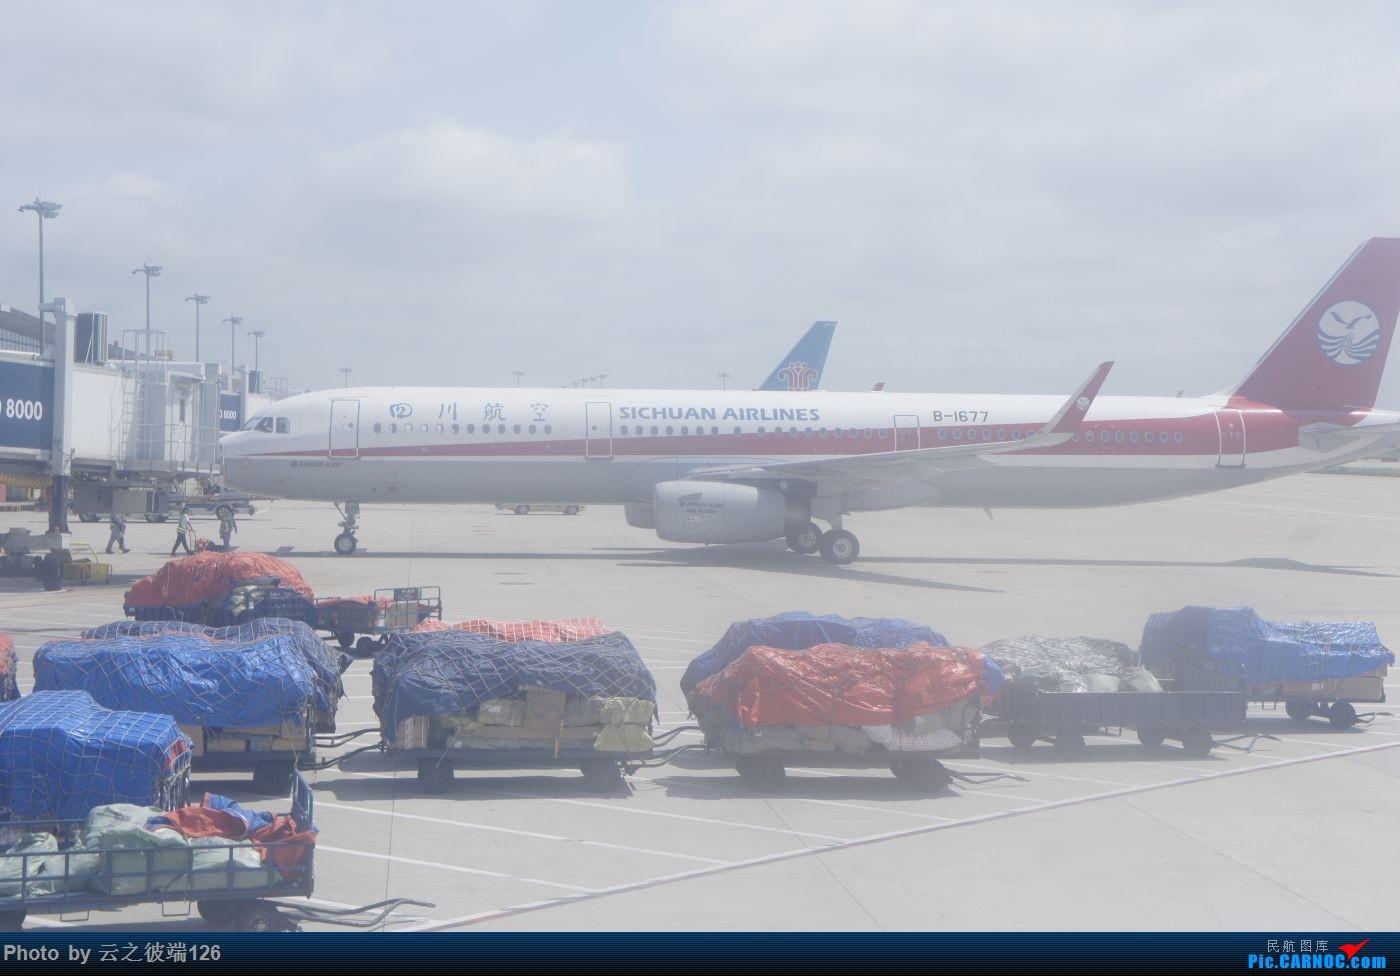 Re:[原创]---步入中原,时隔三年意外遇见你 NKG-XIY-HFE--- AIRBUS A321-200 B-1677 中国南京禄口国际机场